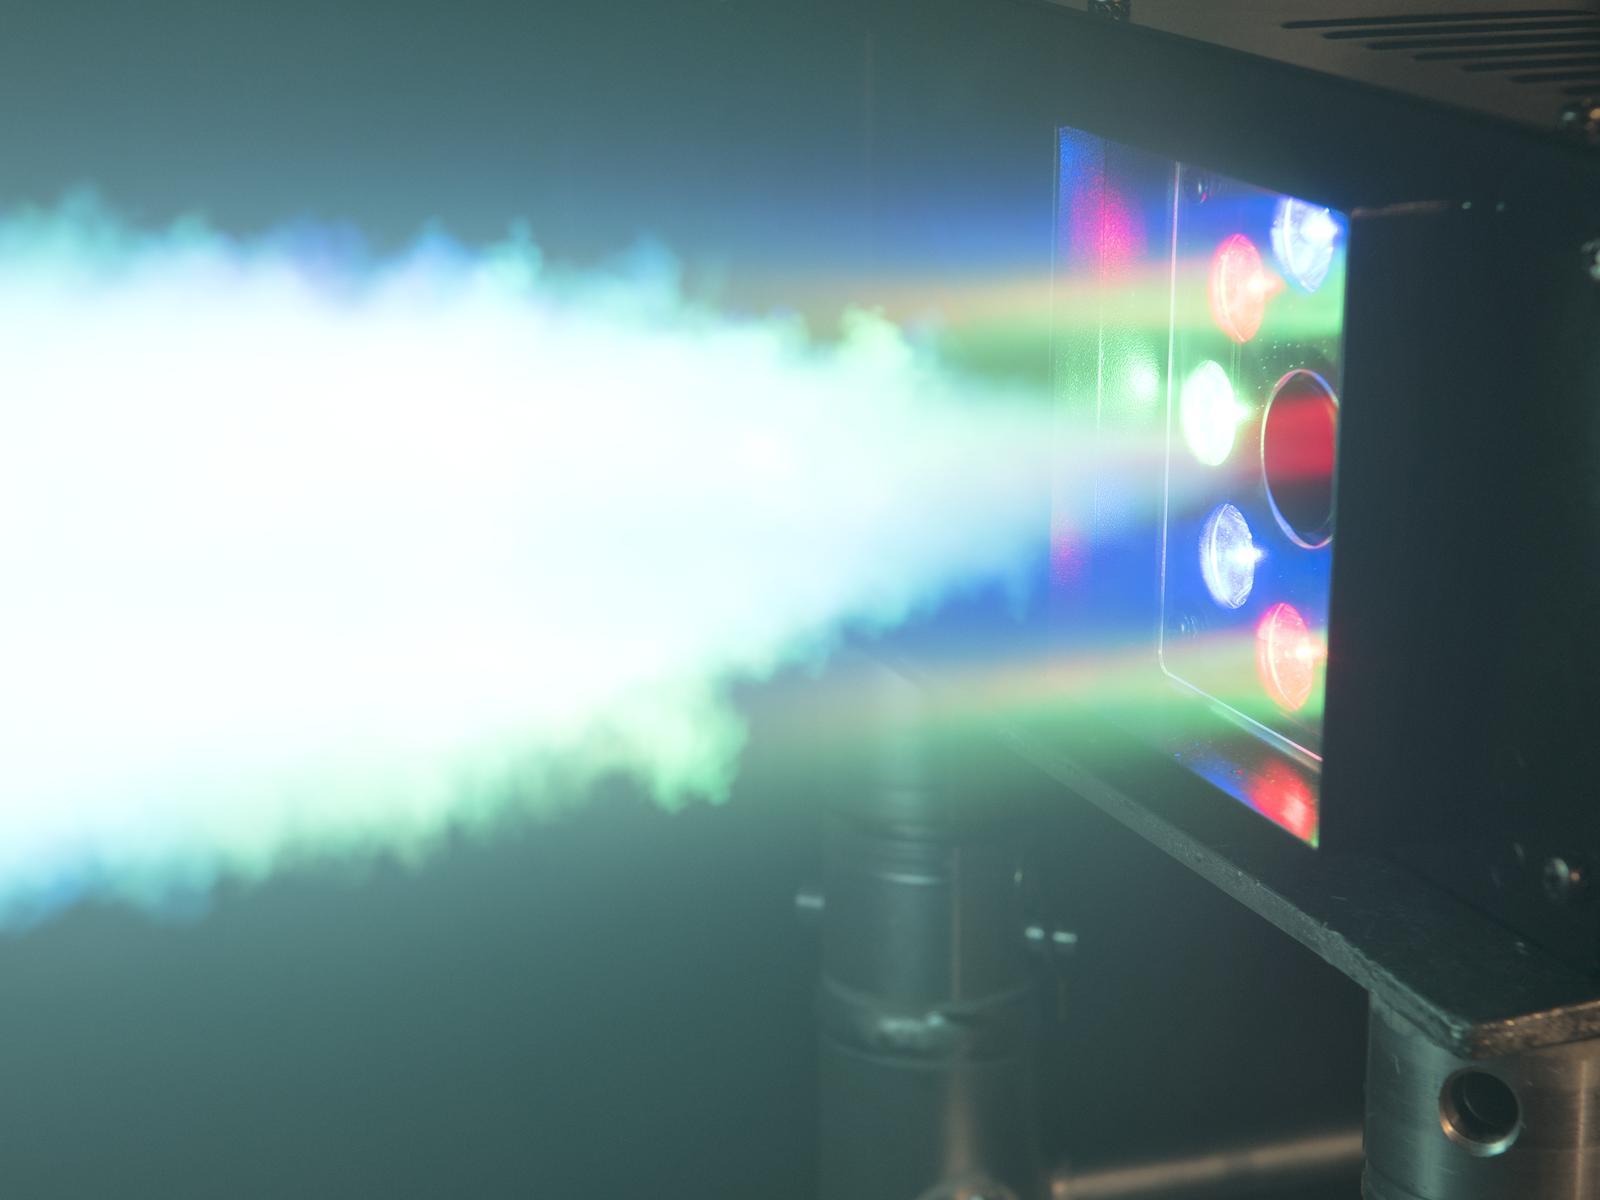 Macchina del fumo-nebbia con speciale illuminazione a led, DMX, EUROLITE NSF 250